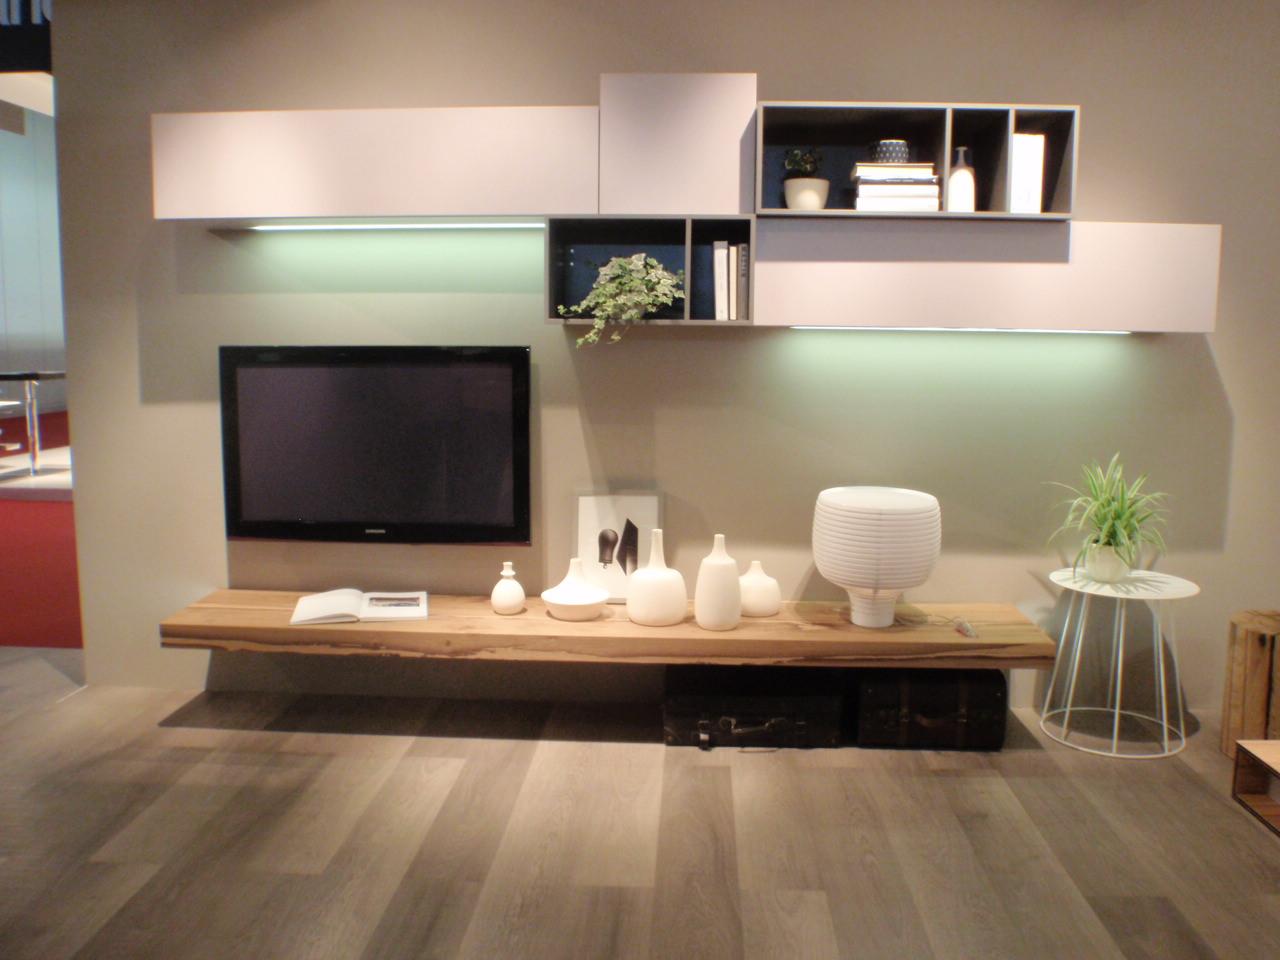 Casa immobiliare, accessori: Complementi d arredo soggiorno